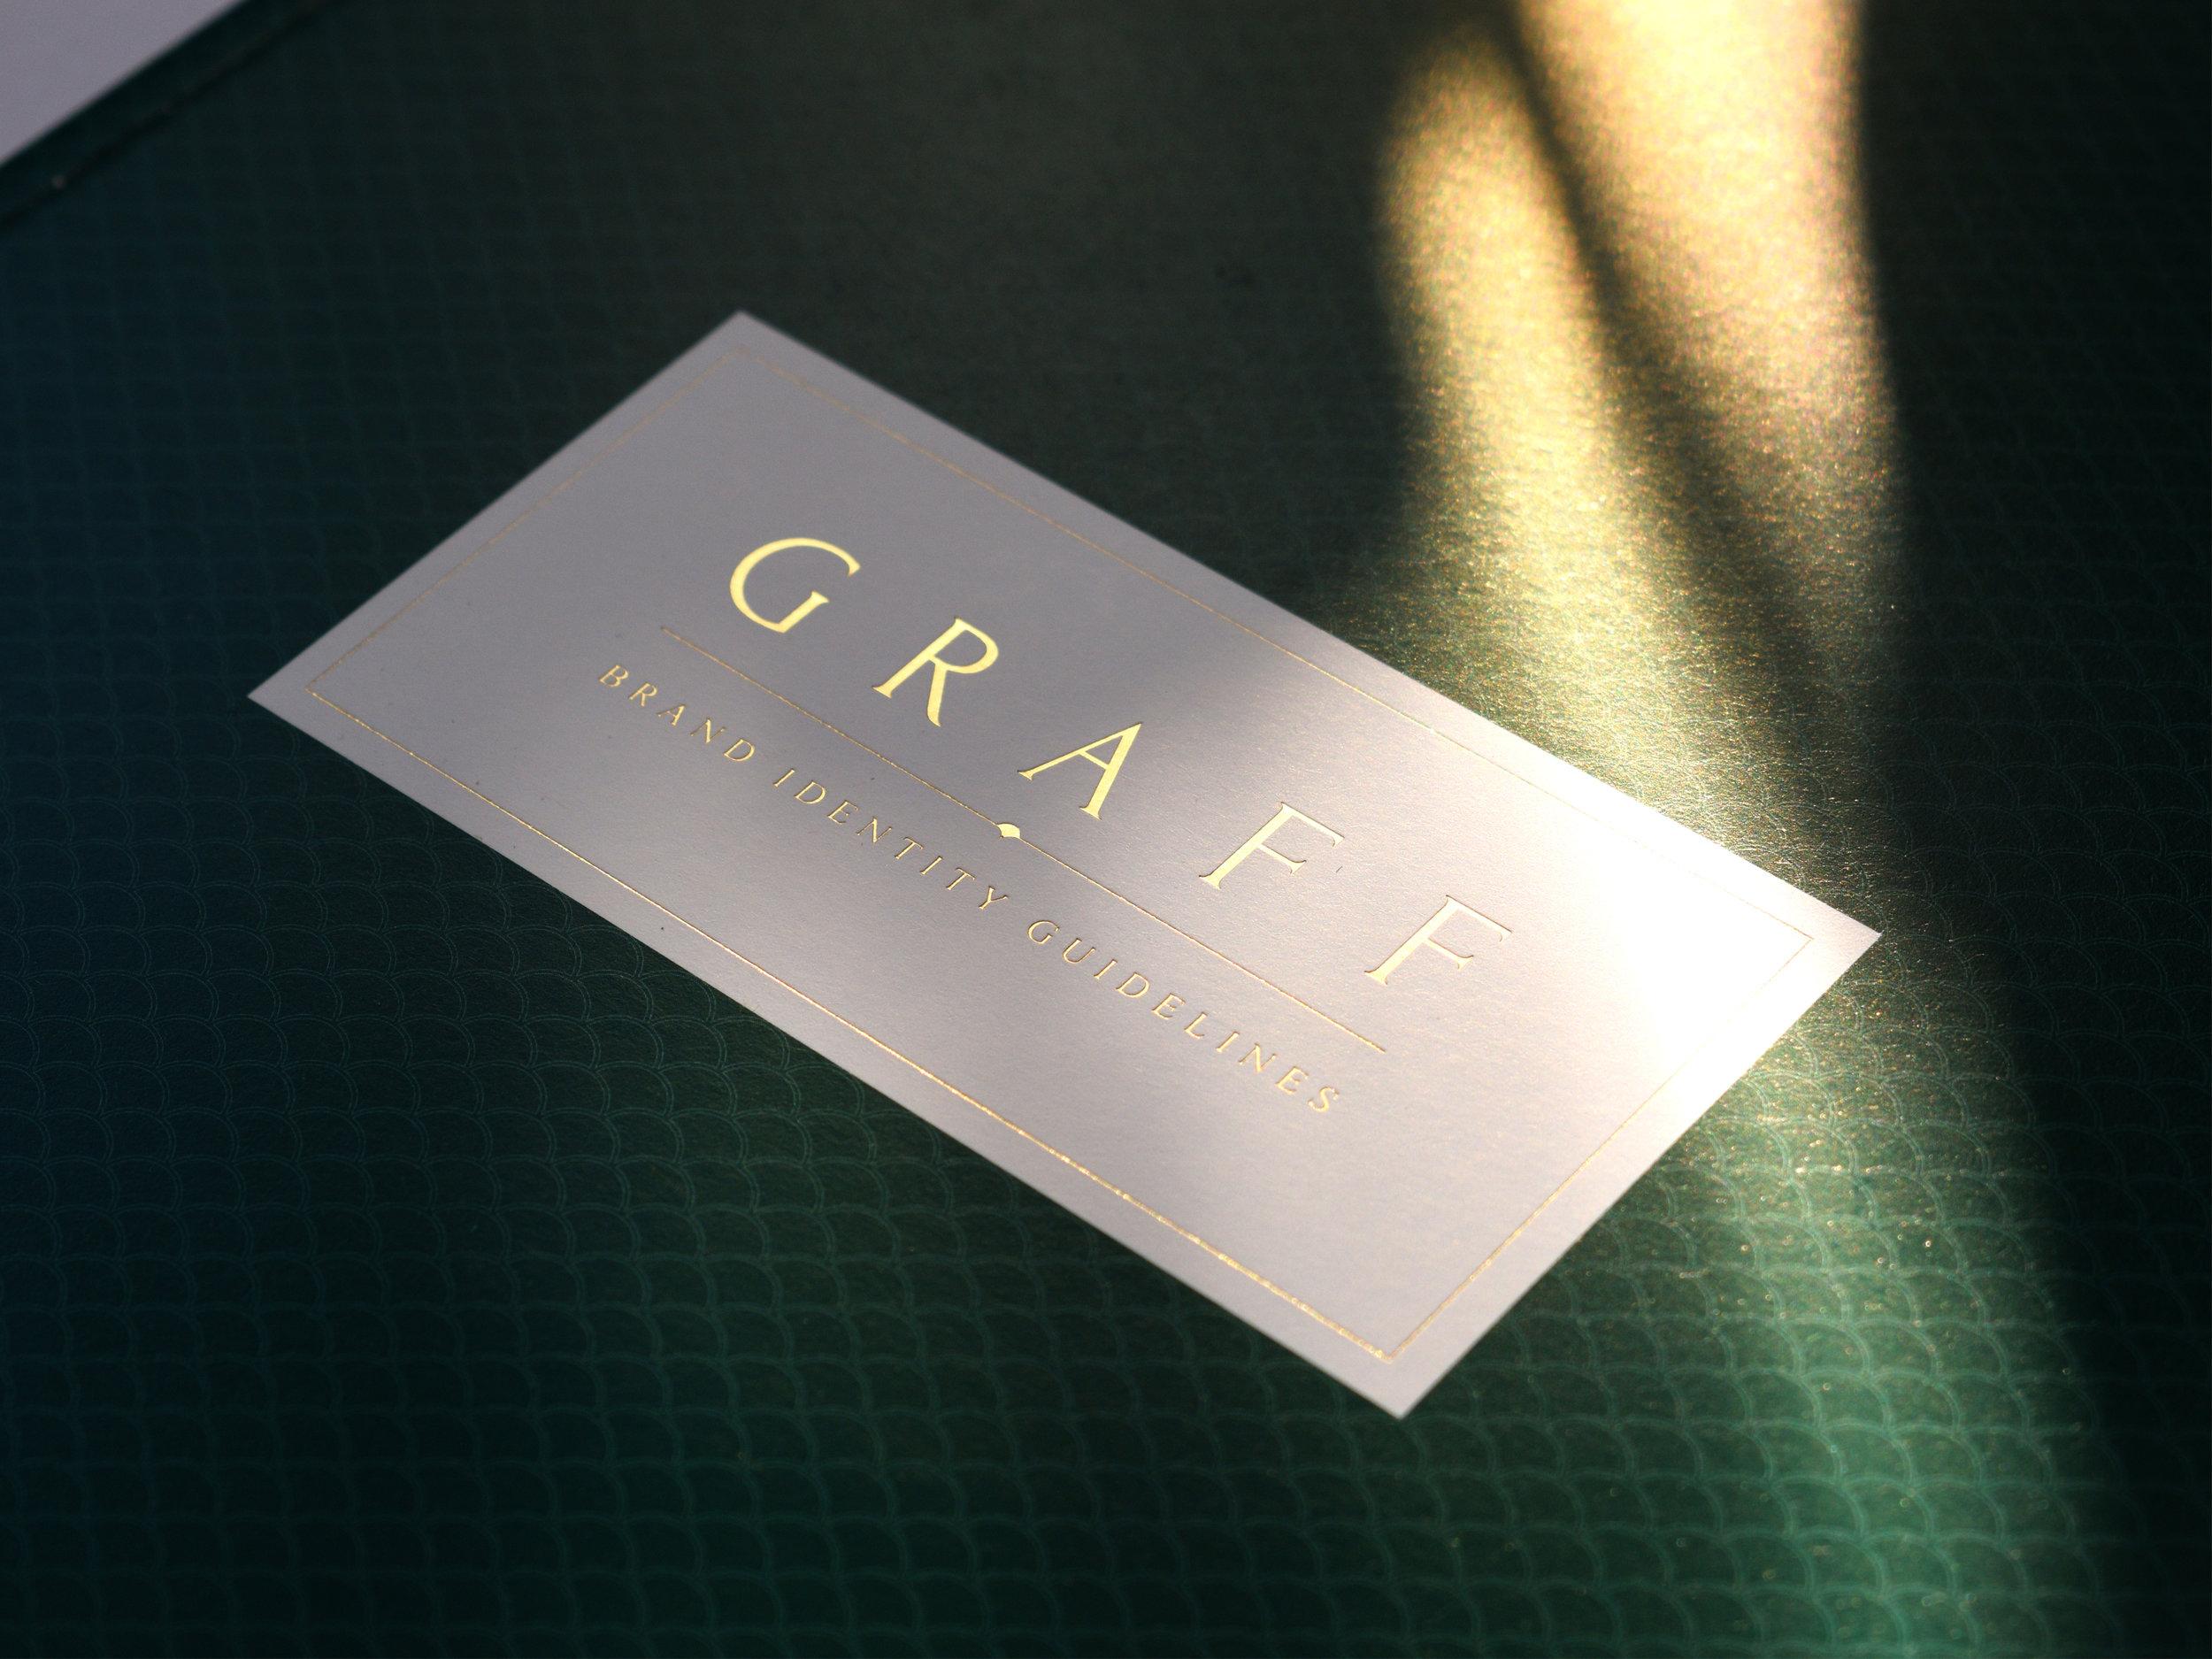 Graff_06.jpg